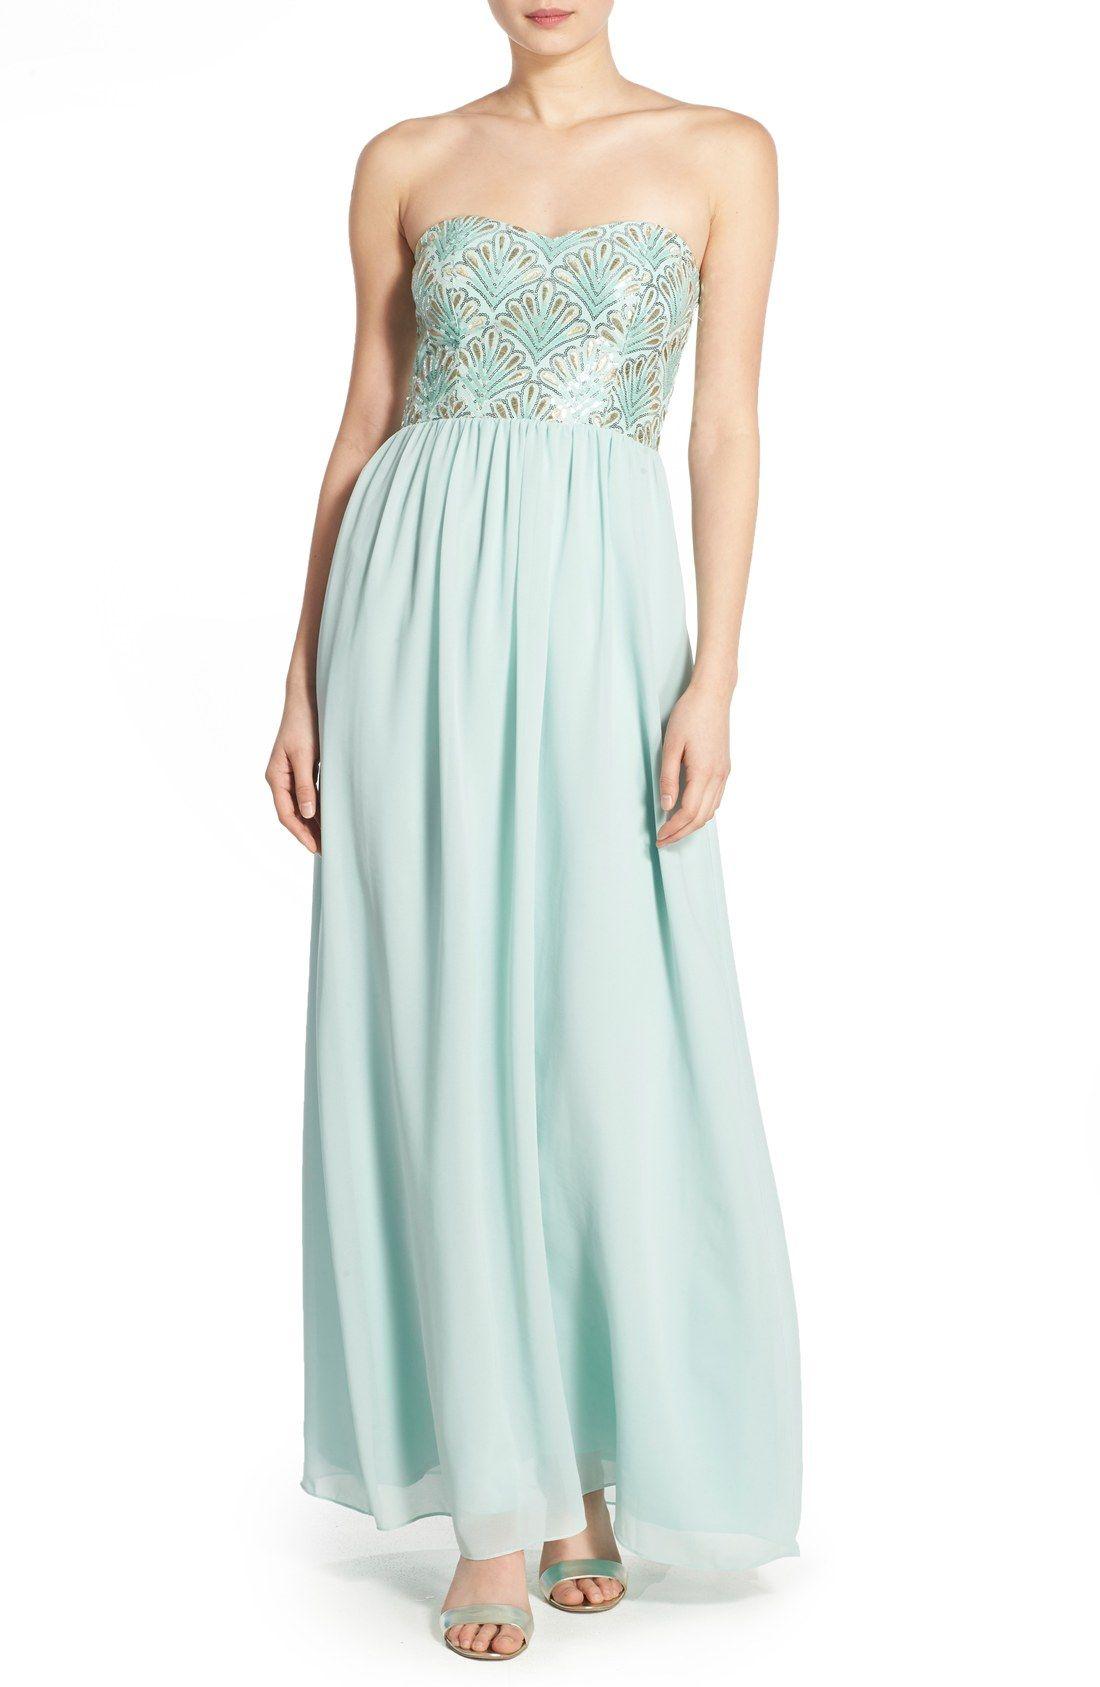 Famous Prom Dresses Nordstrom Ideas - Wedding Ideas - memiocall.com